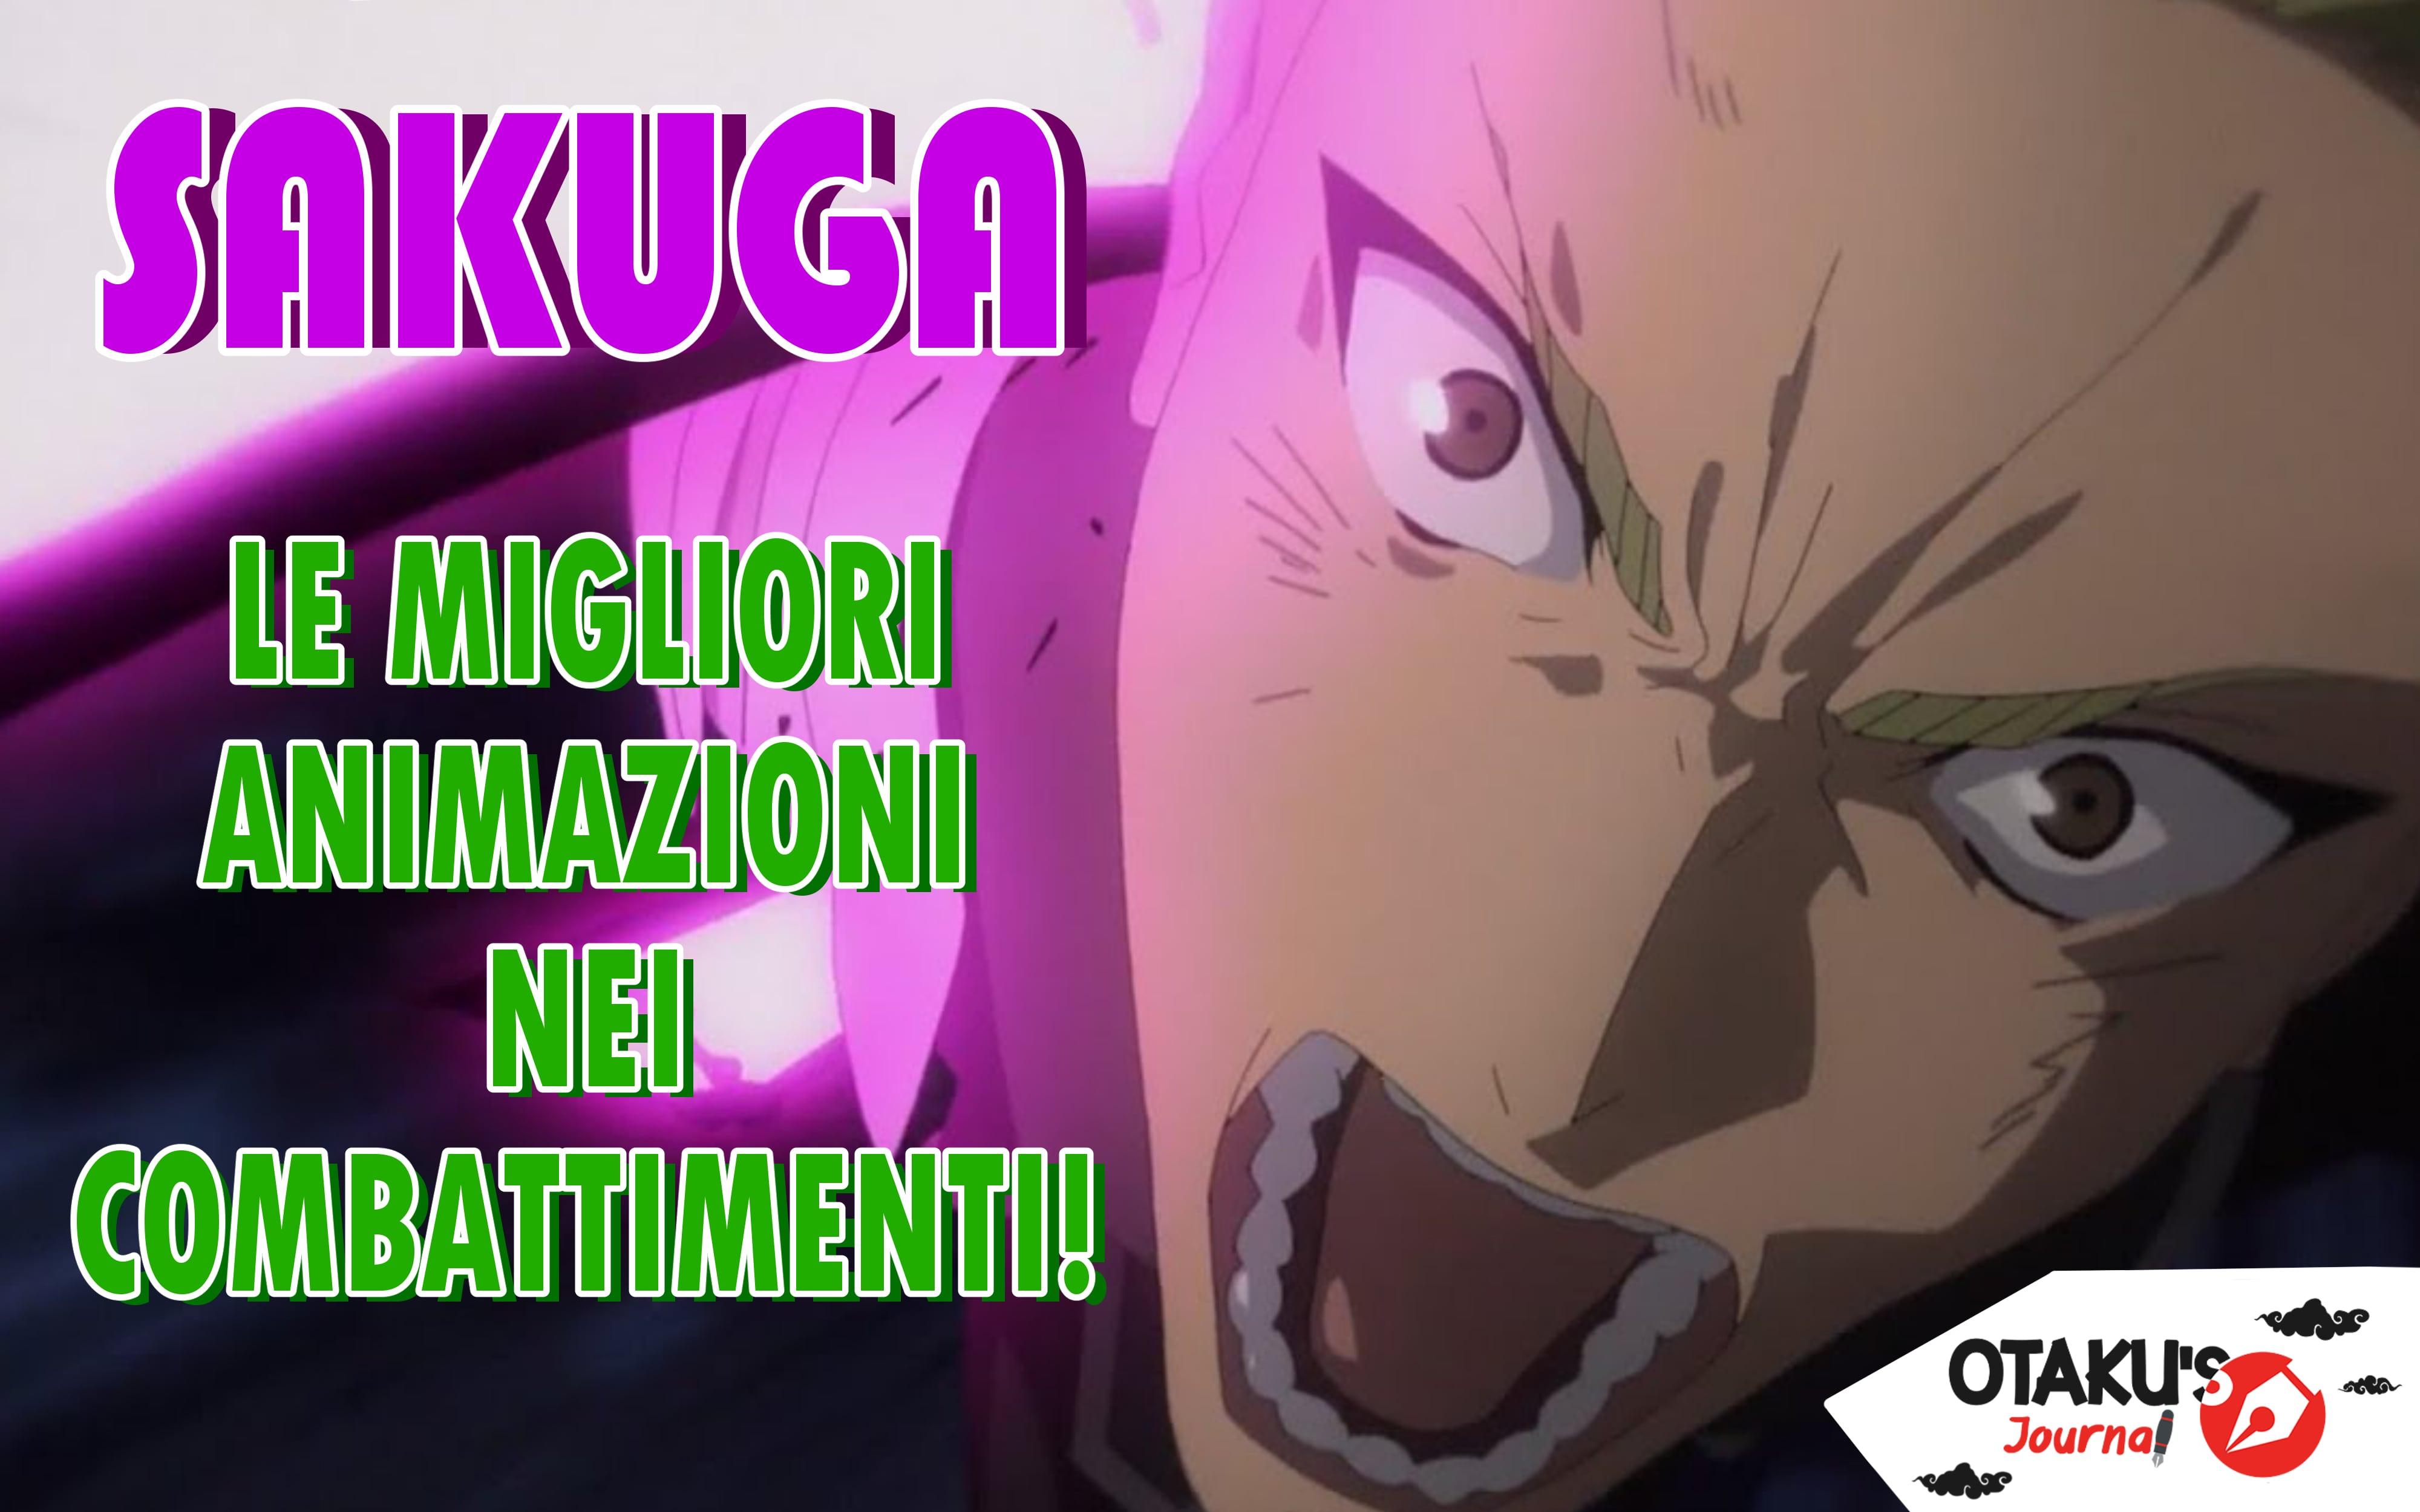 sakuga: le migliori animazioni nei combattimenti